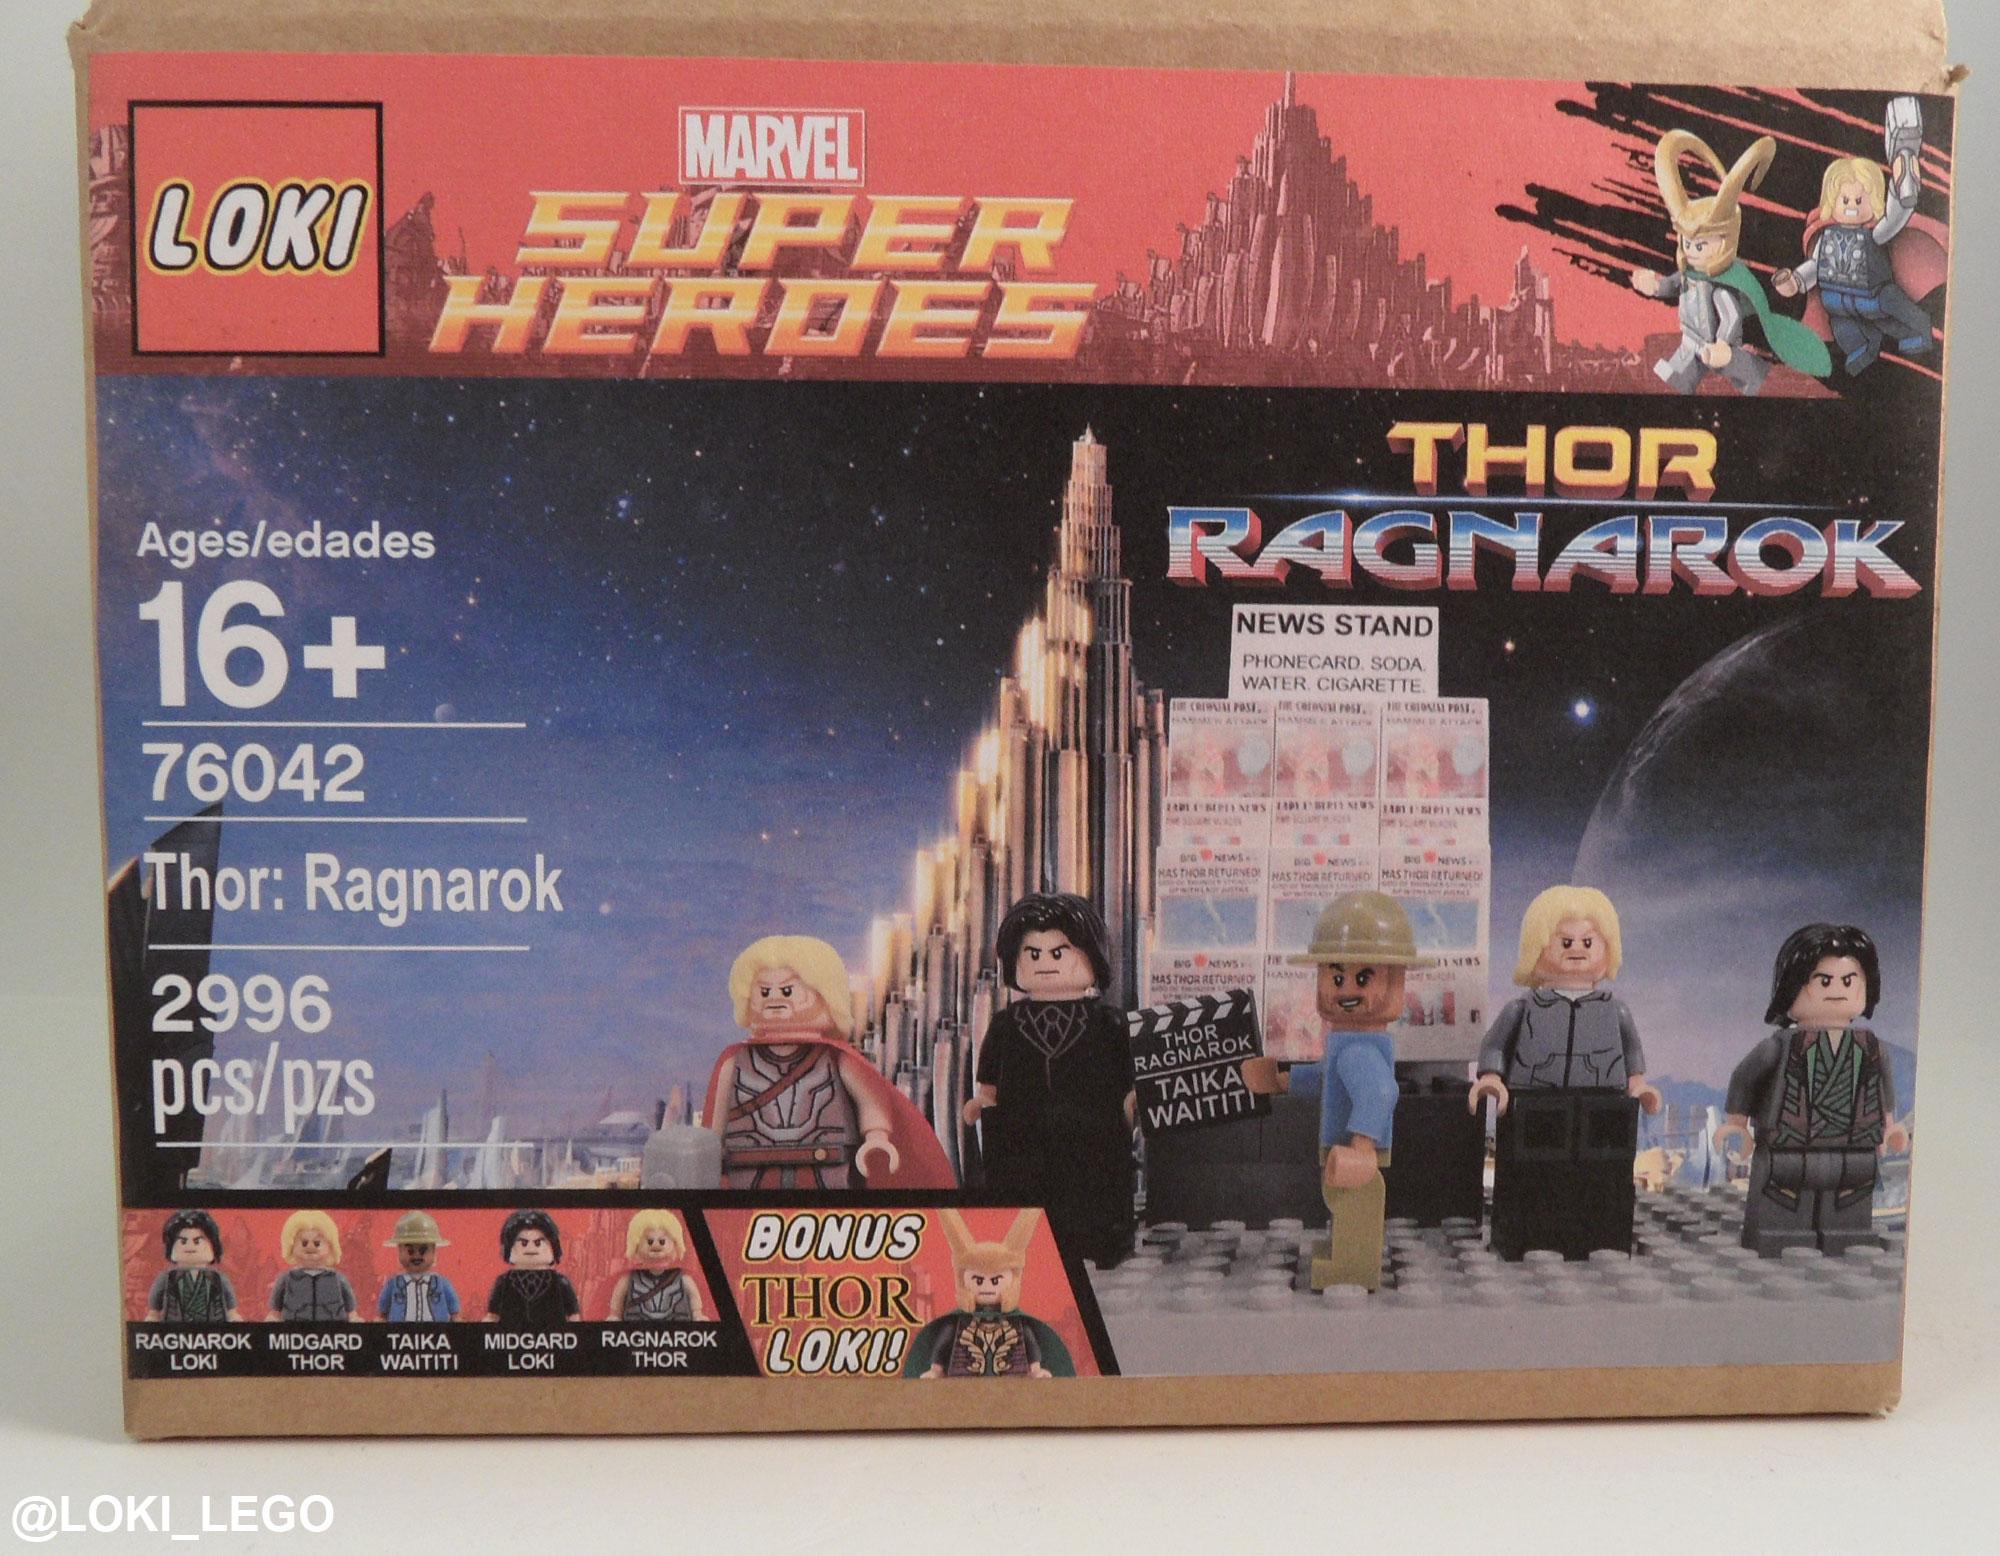 thor-ragnarok-lego-set-14